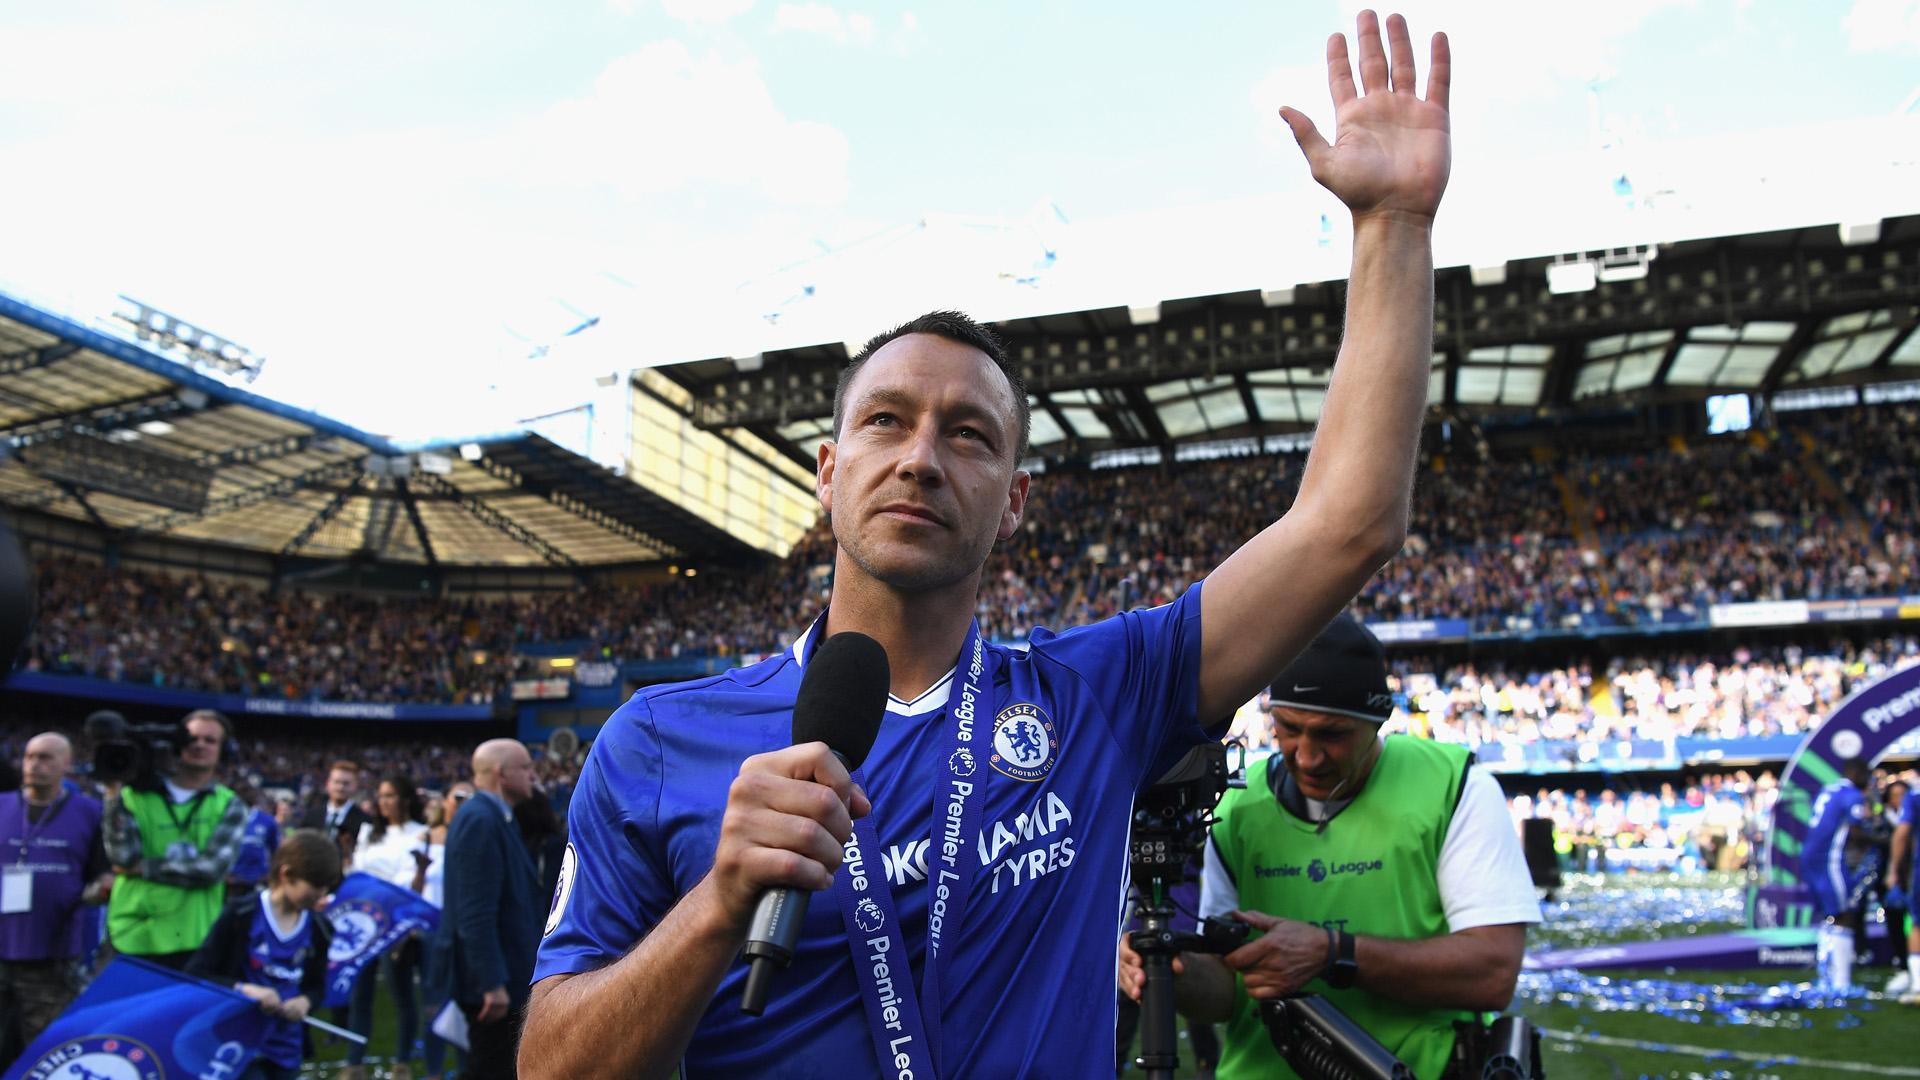 Le remplacement de John Terry enrichit des parieurs — Chelsea